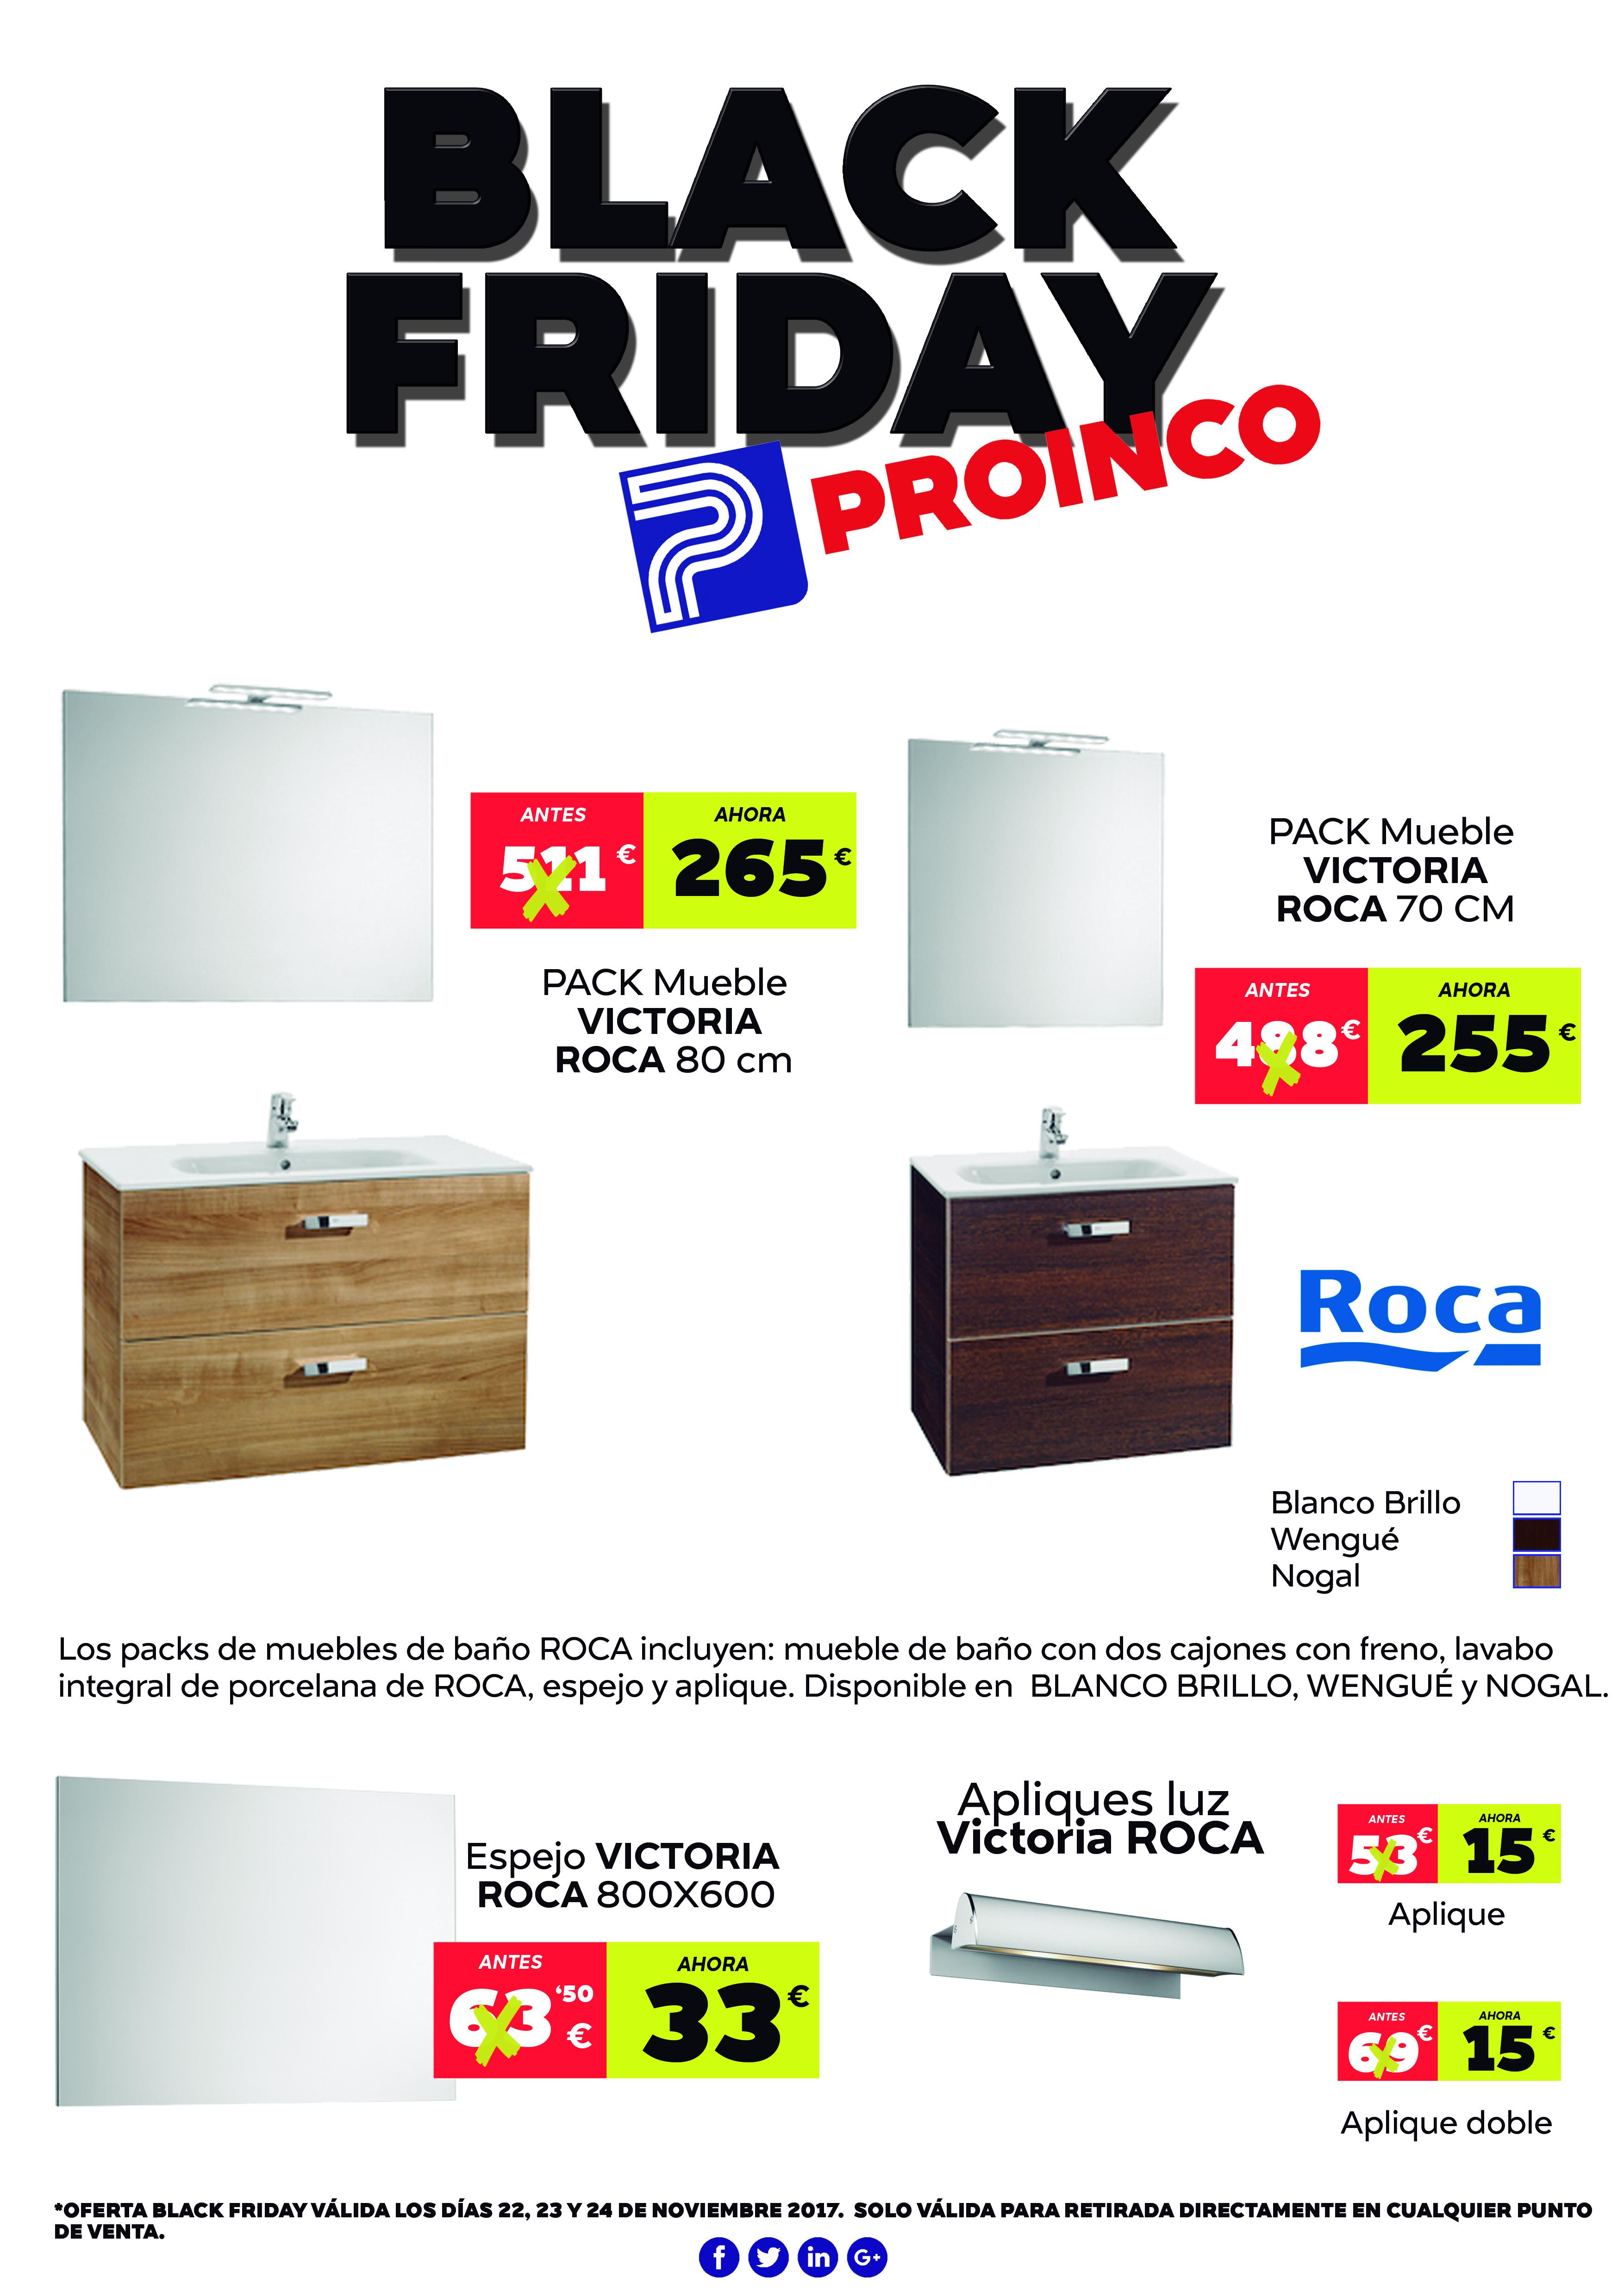 Black Friday muebles de ba o ROCA unidad PROINCO